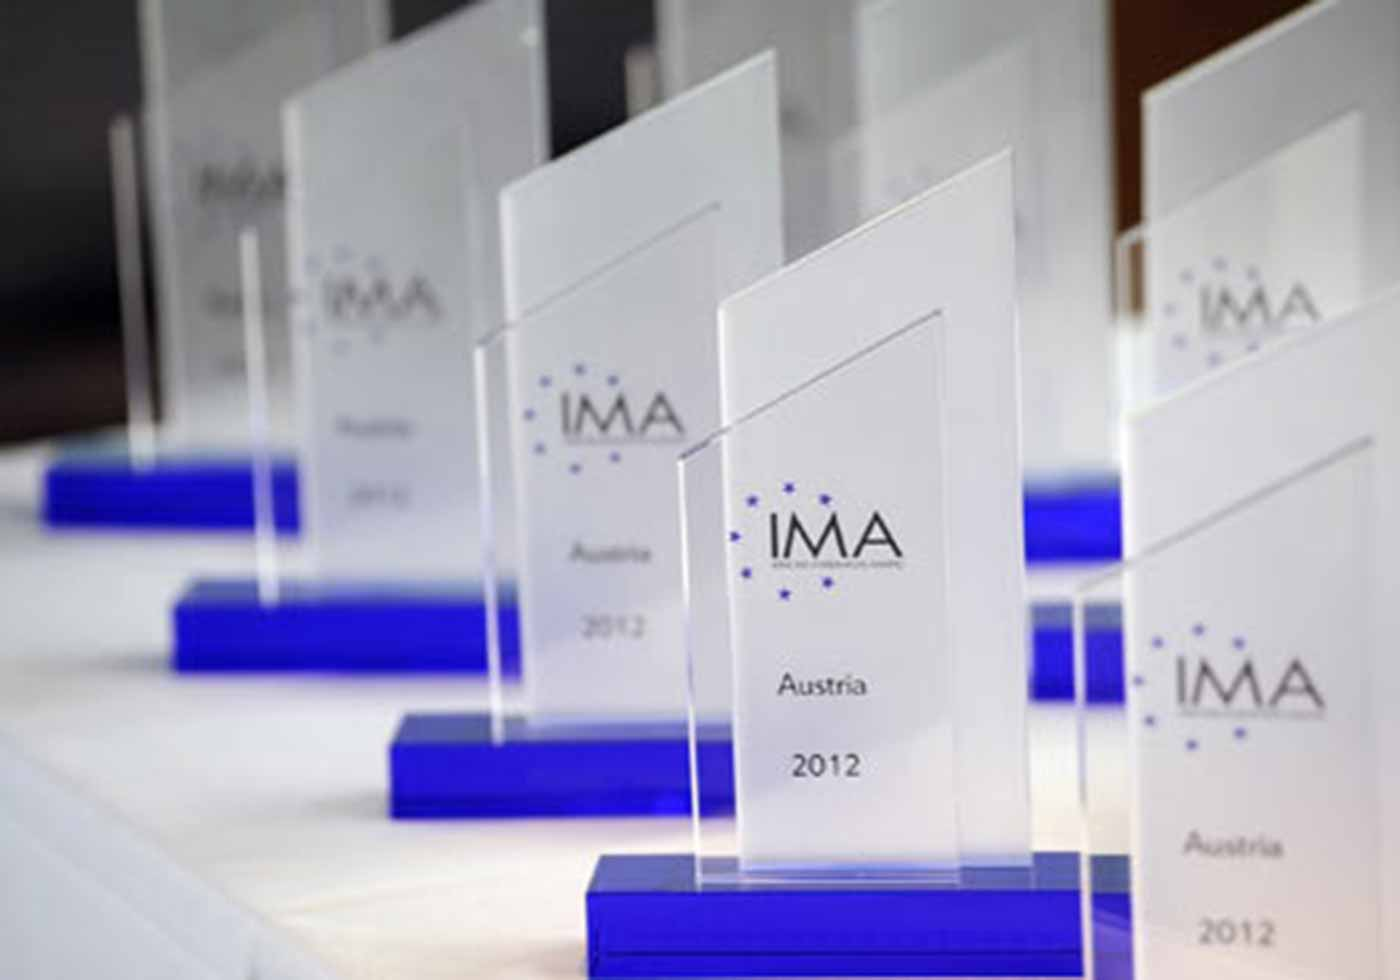 Immobiliemarken Award 2012 für ATP